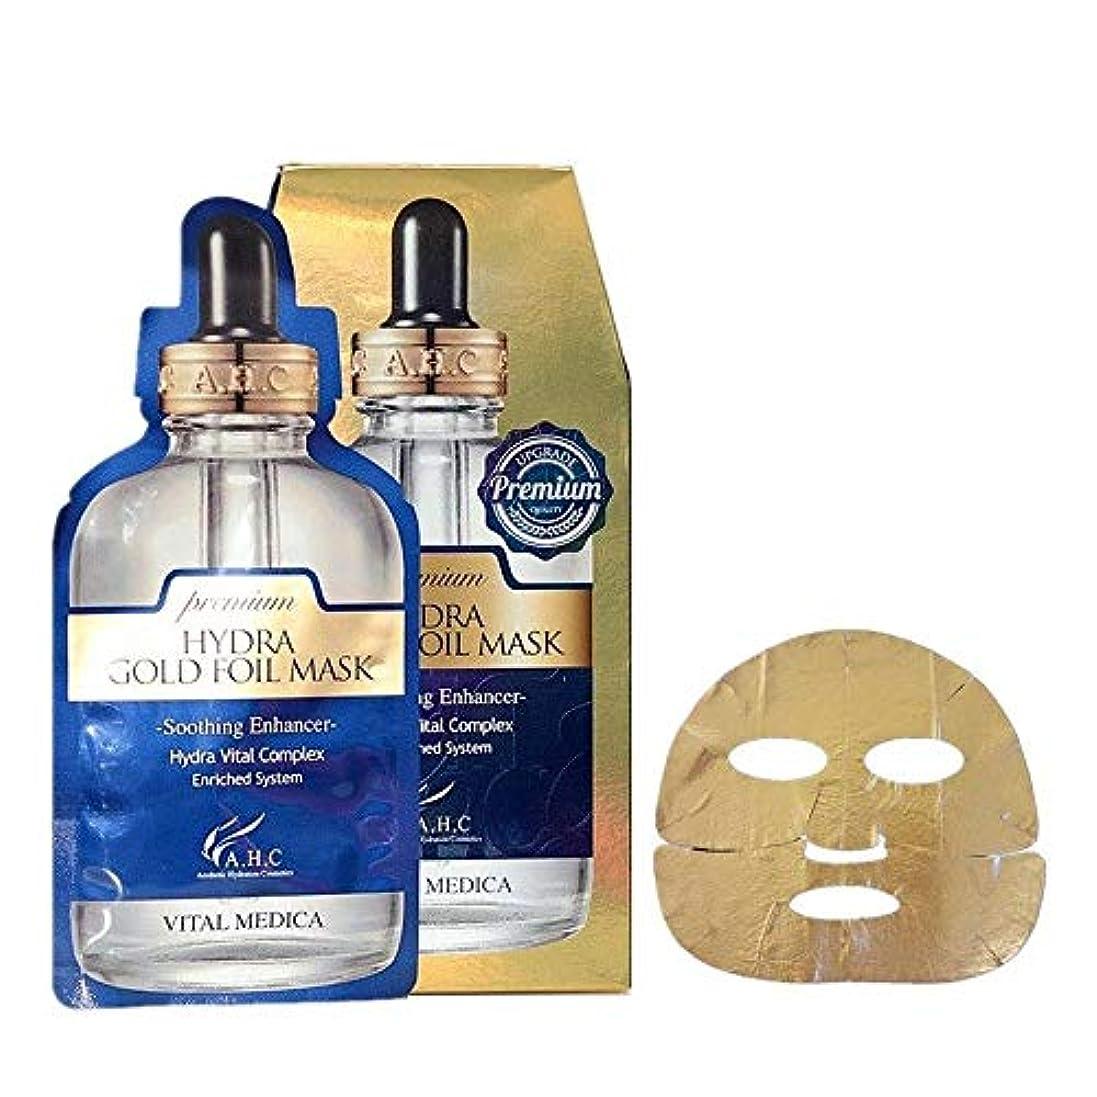 消費する活性化するコカインAHC(エーエイチシー) プレミアム ハイドラ ゴールドホイルマスクシート27ml(5枚セット)